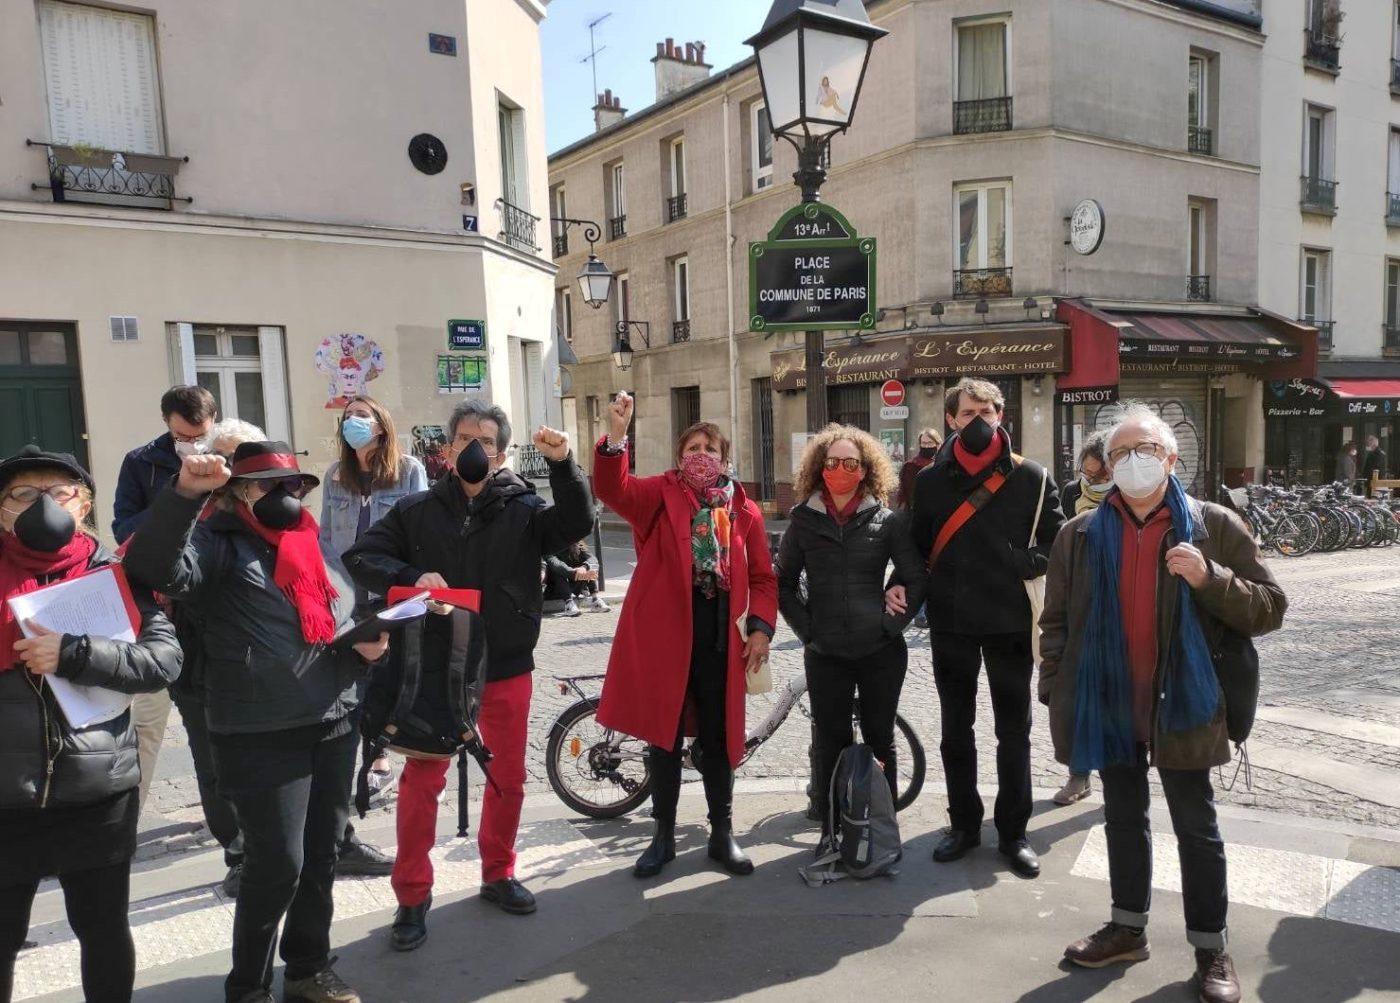 L'Ut en Chœur place de la Commune de Paris